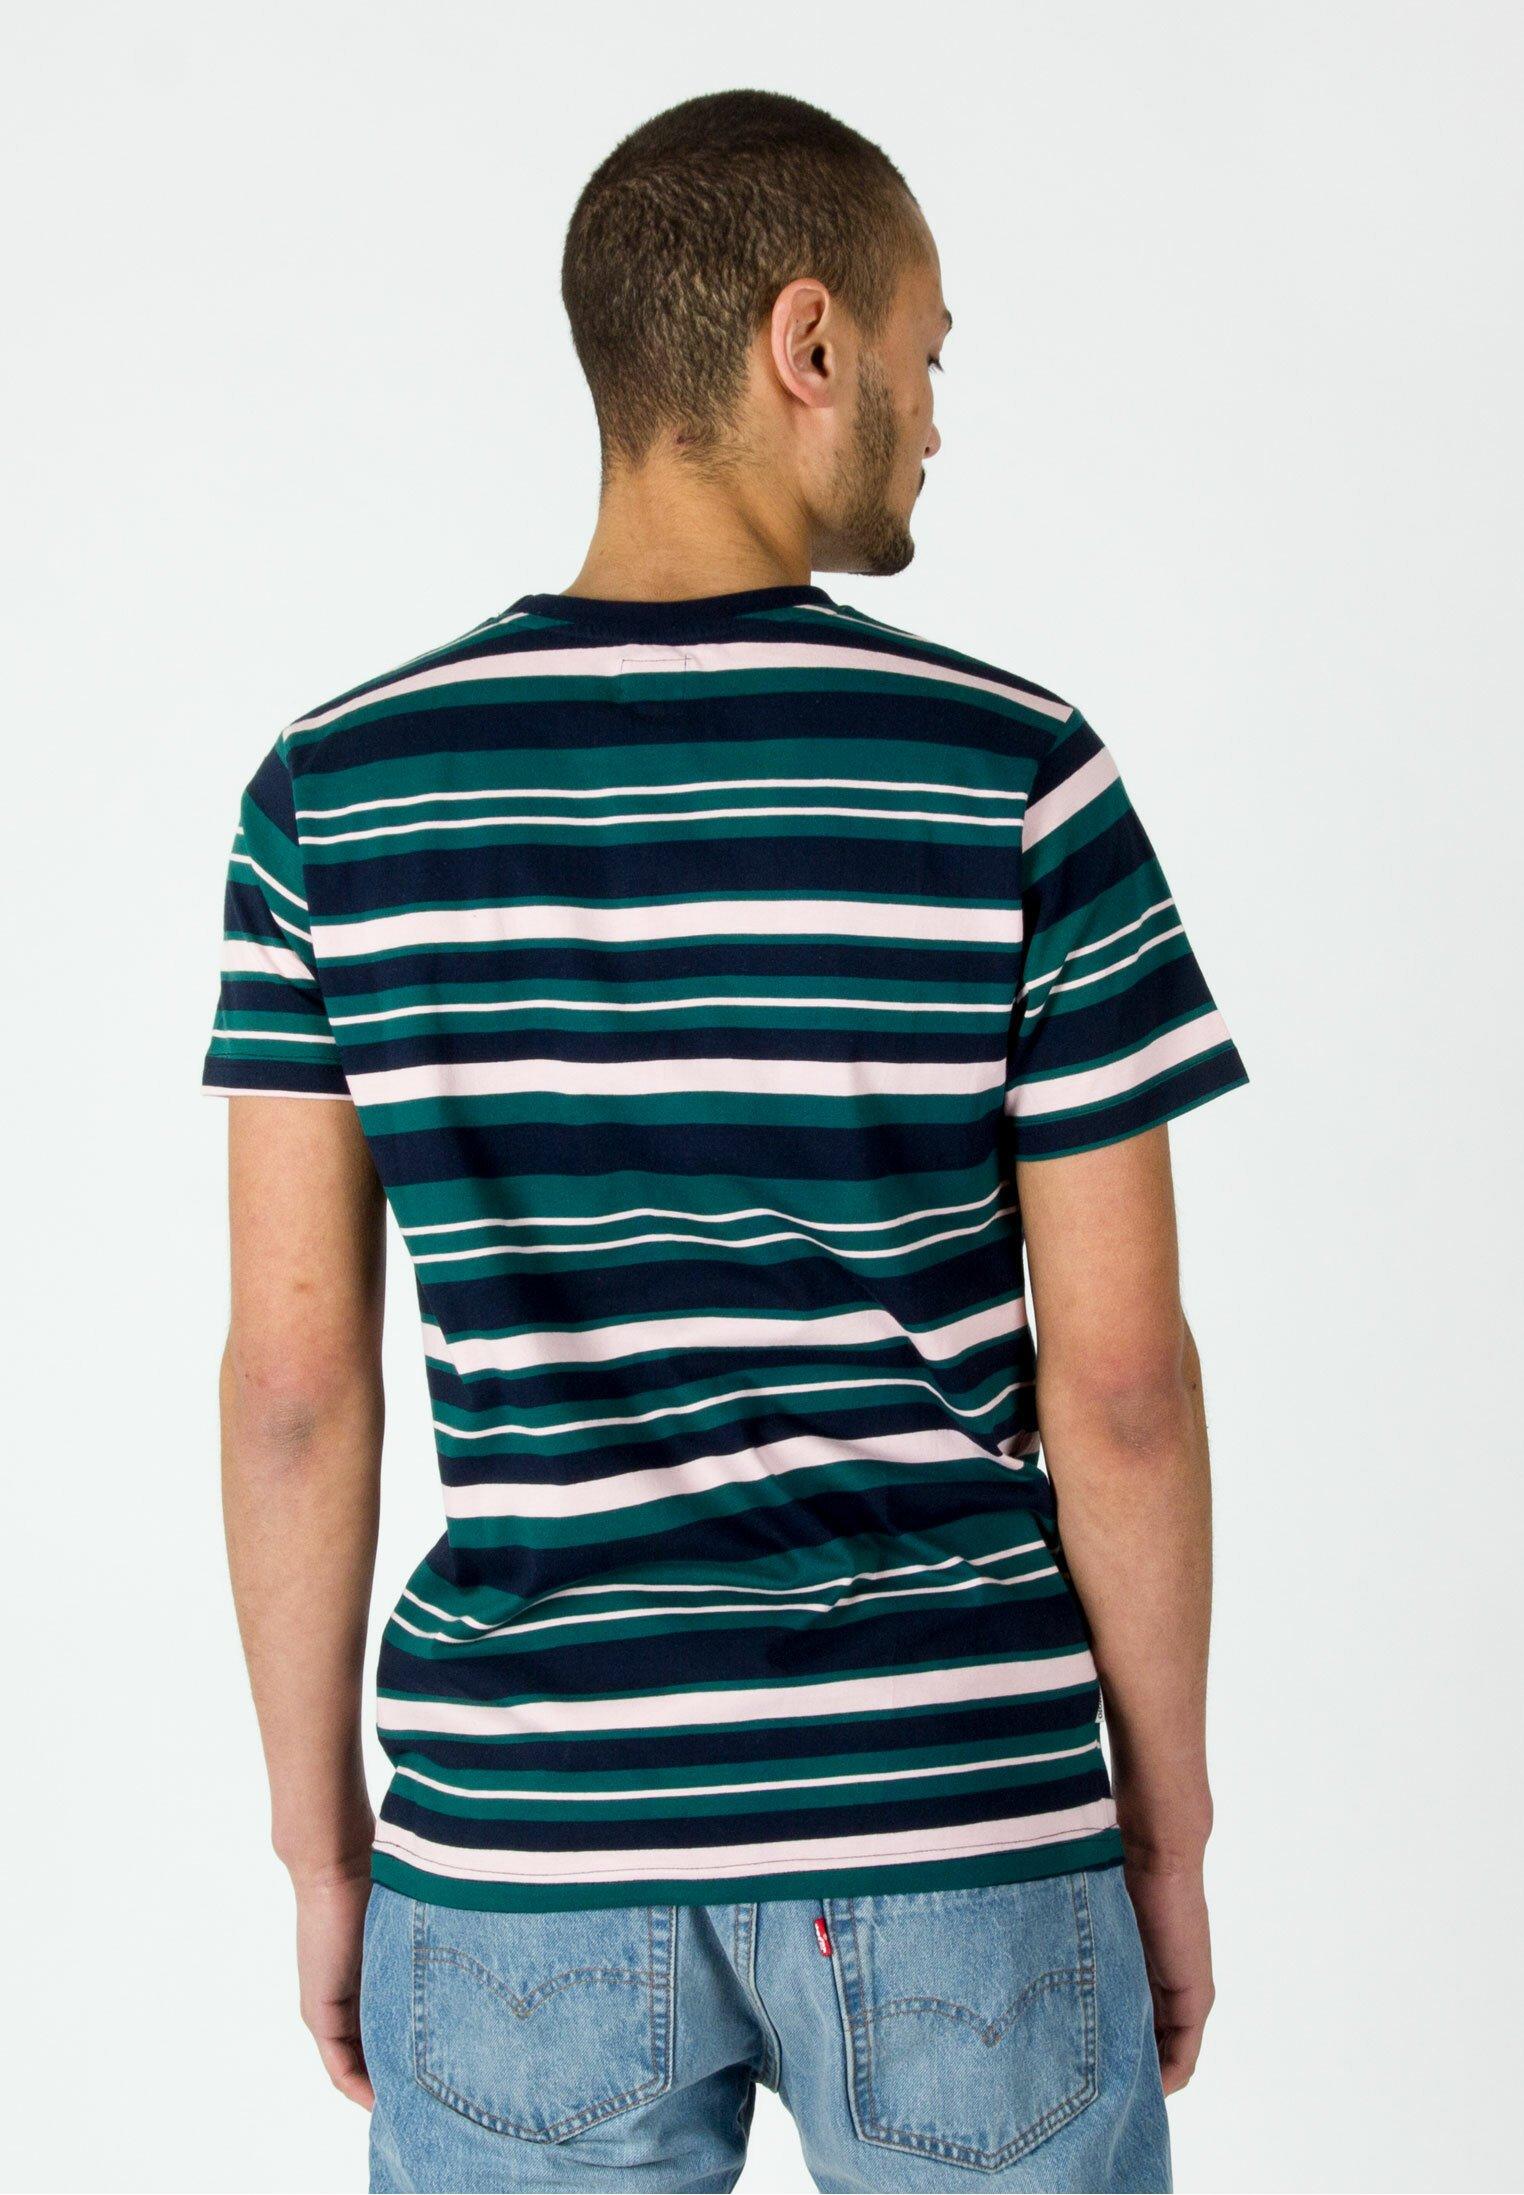 Hoge kwaliteit Verlaagde prijs Wemoto WARREN  - T-shirt print - blau -  Iu0T1